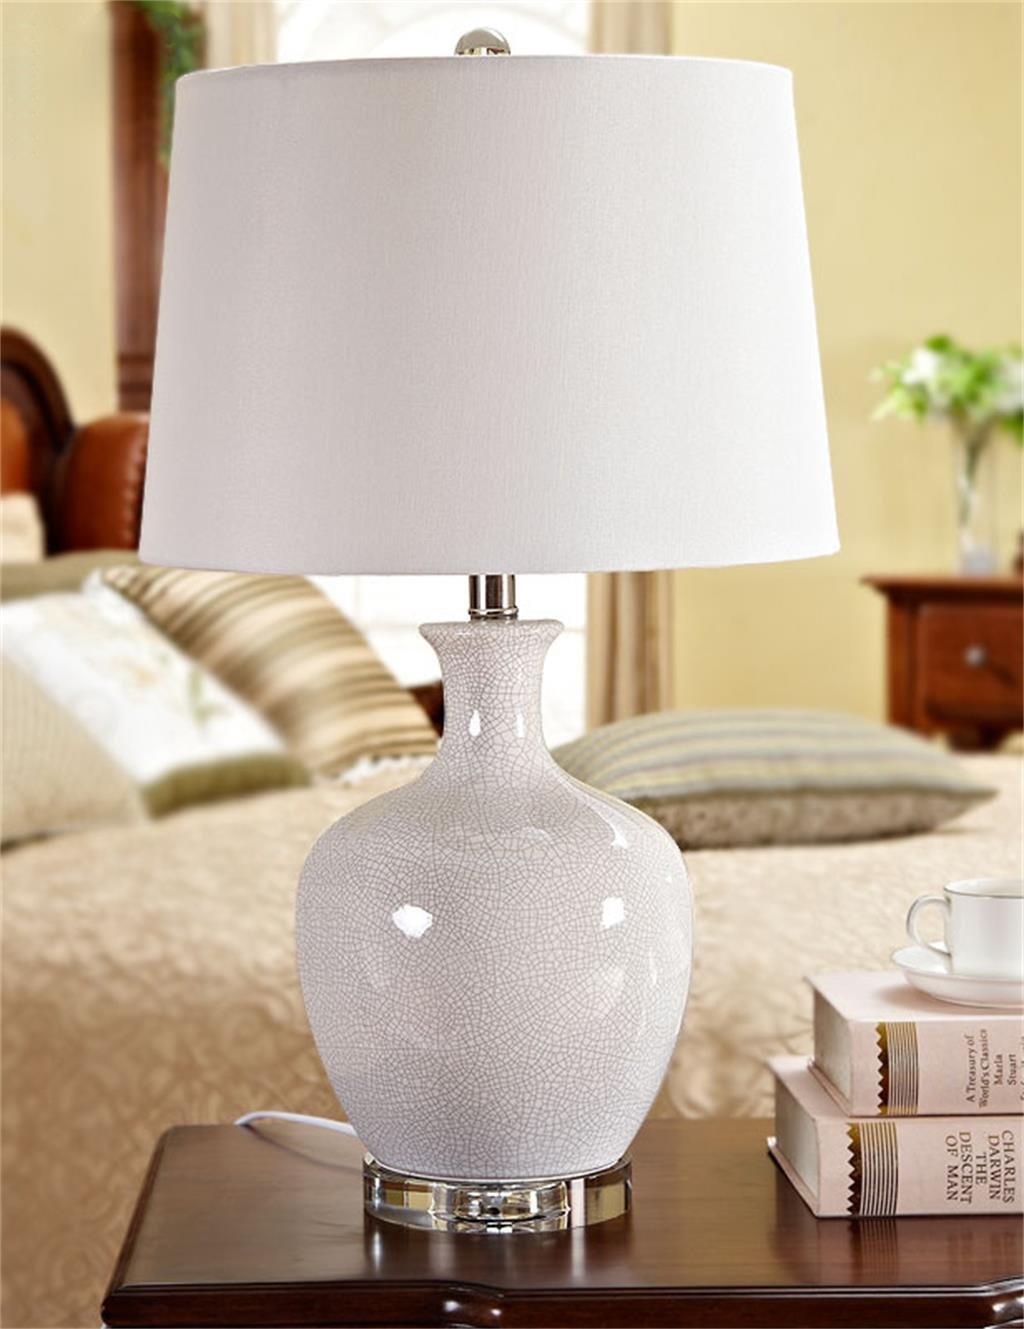 HYNH Chinesische Keramik einfache Kristalllampe stilvolle Wohnzimmer Schlafzimmer Arbeitszimmer Nachttischlampe Kinder Tischlampe